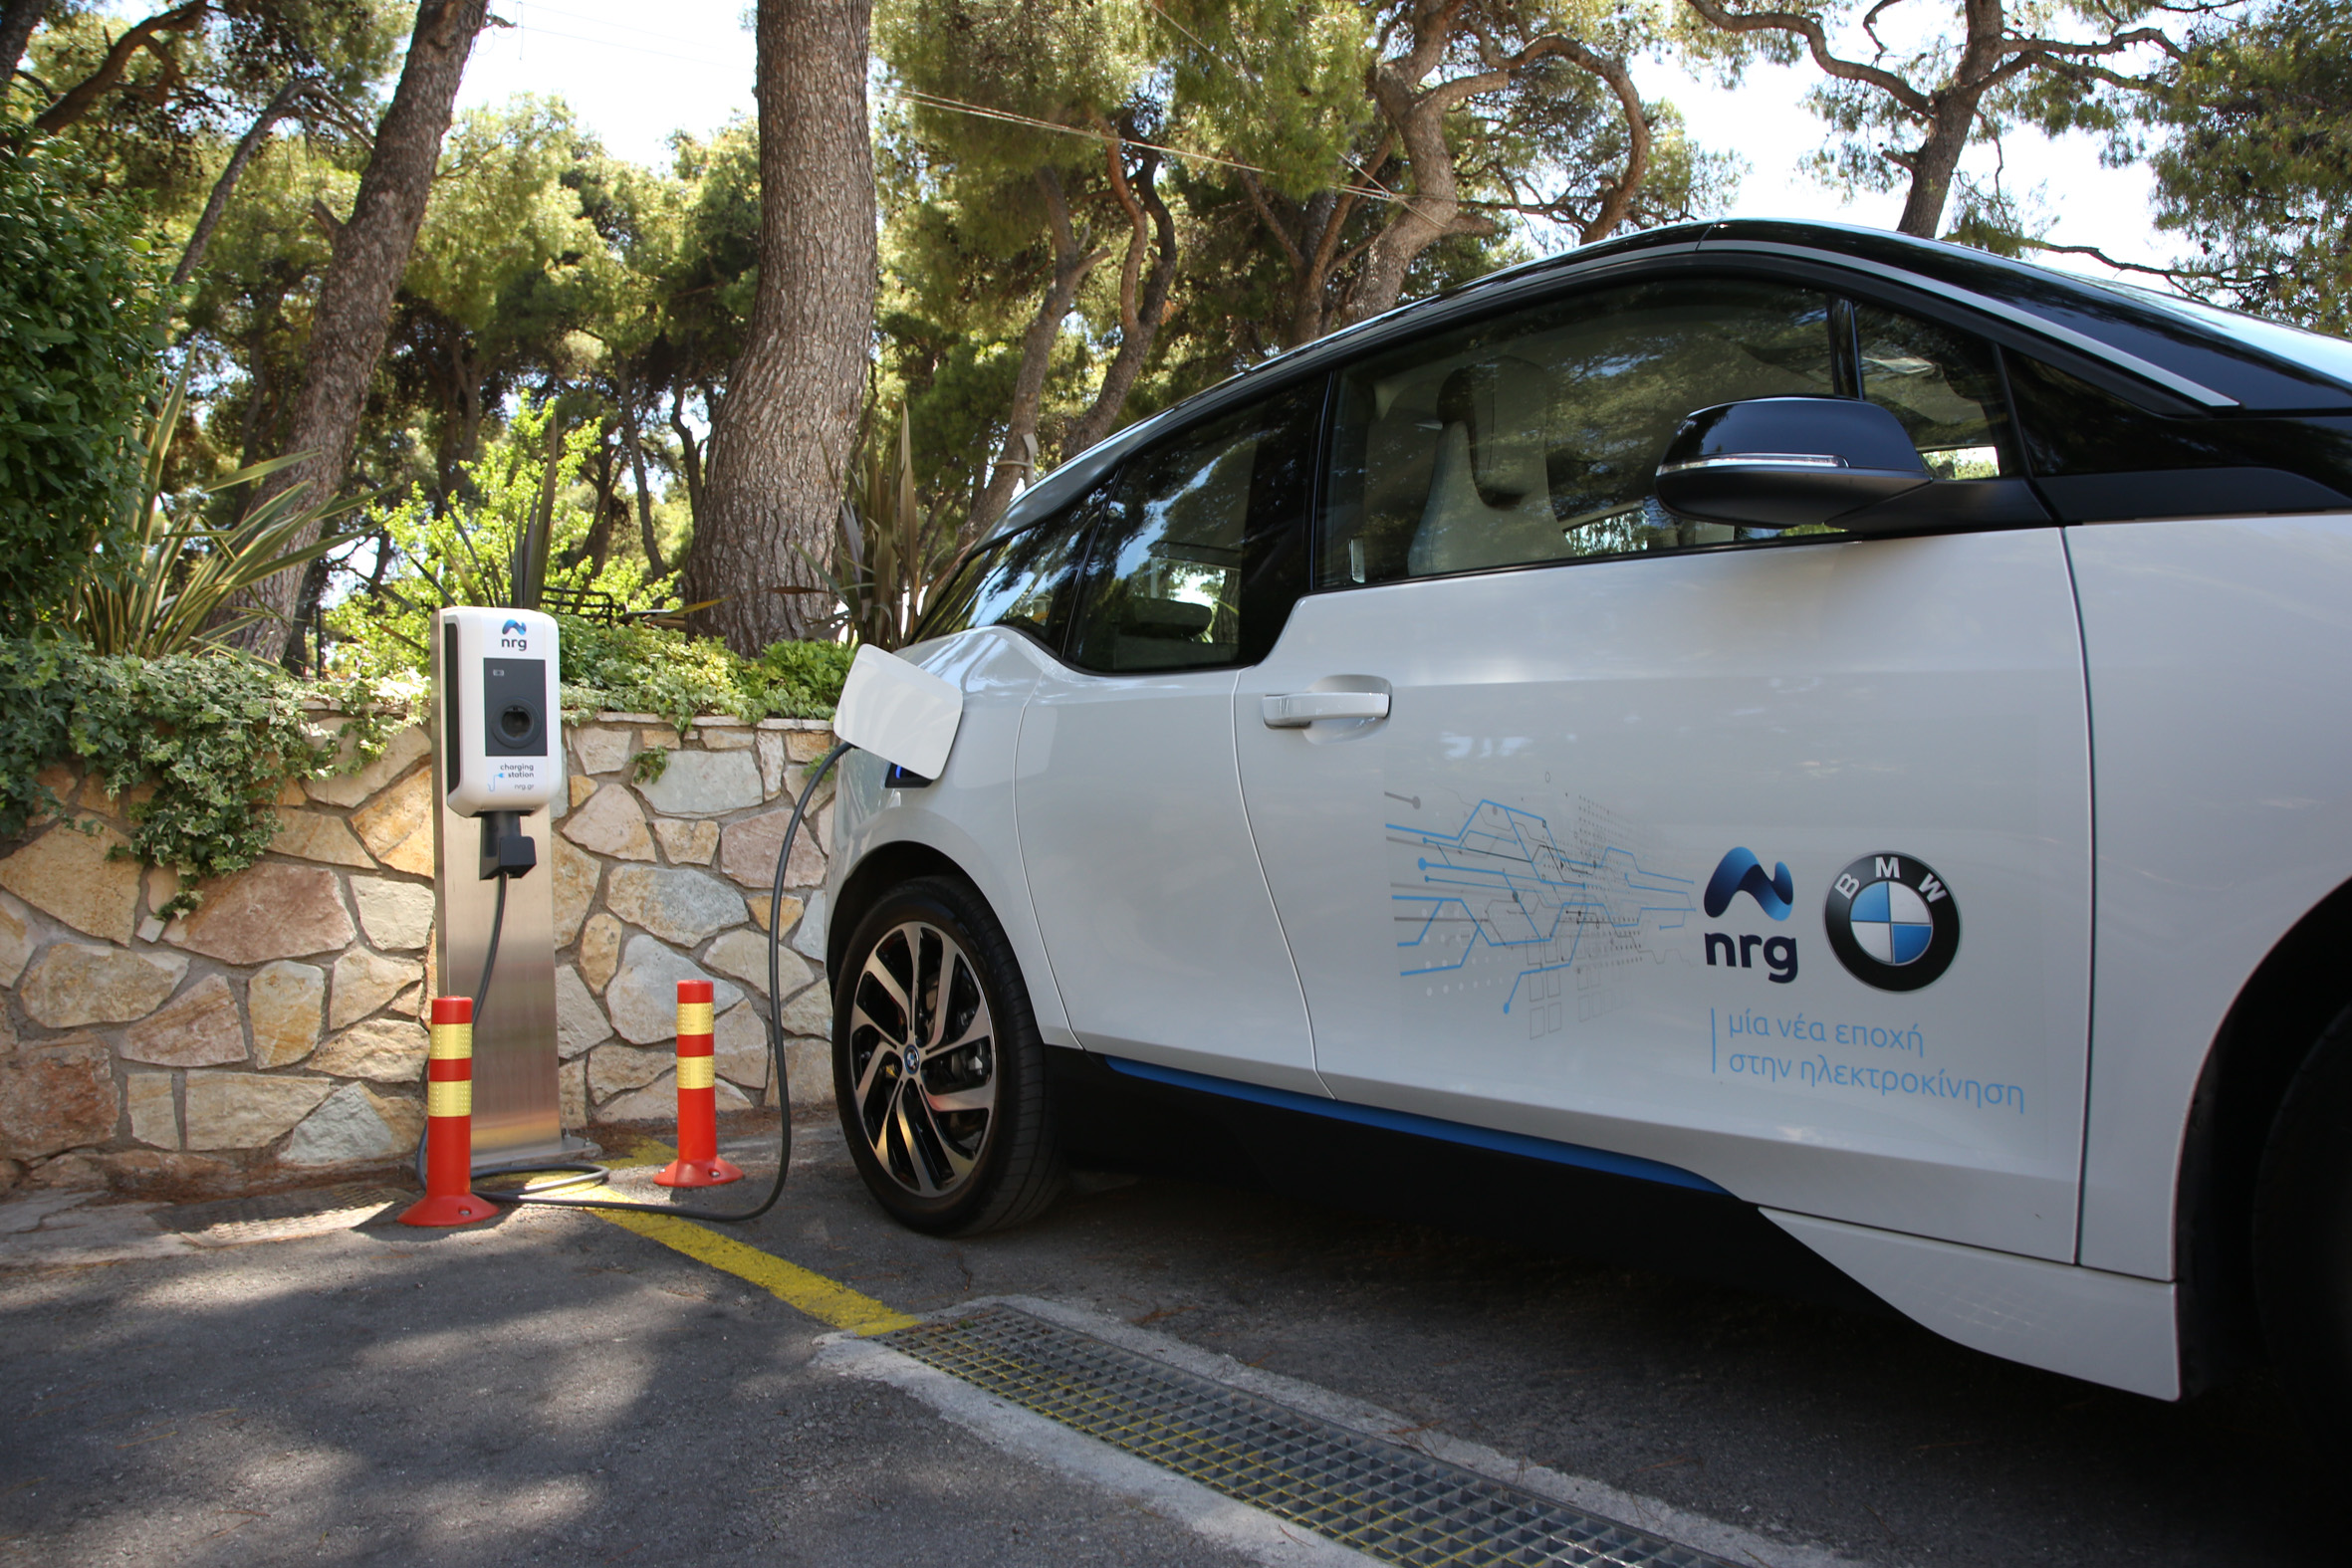 nrg OnTheGo: H nrg λανσάρει νέο πρόγραμμα για την ηλεκτροκίνηση